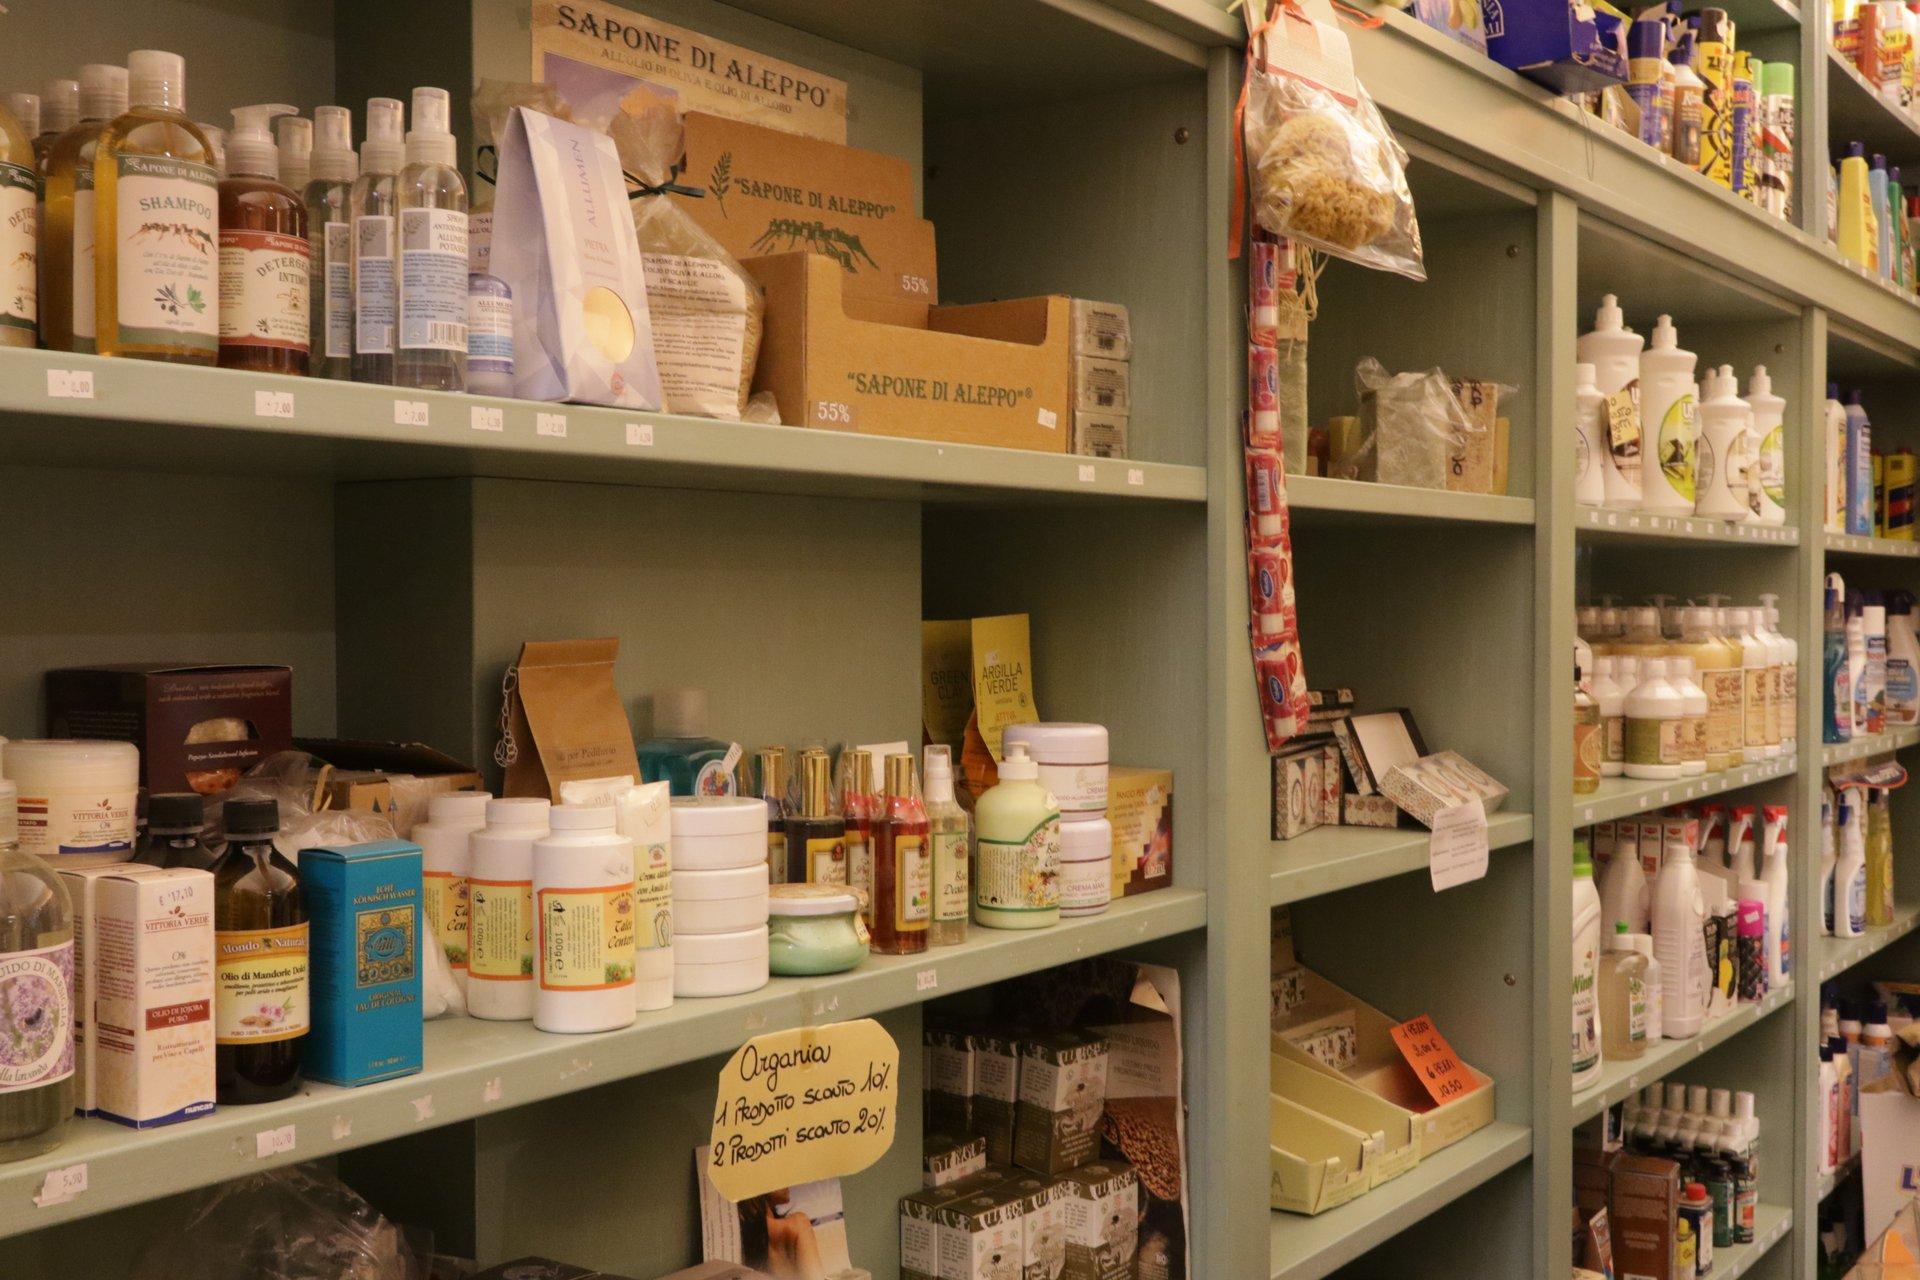 vista laterale di un scaffale con articoli di saponi in un negozio